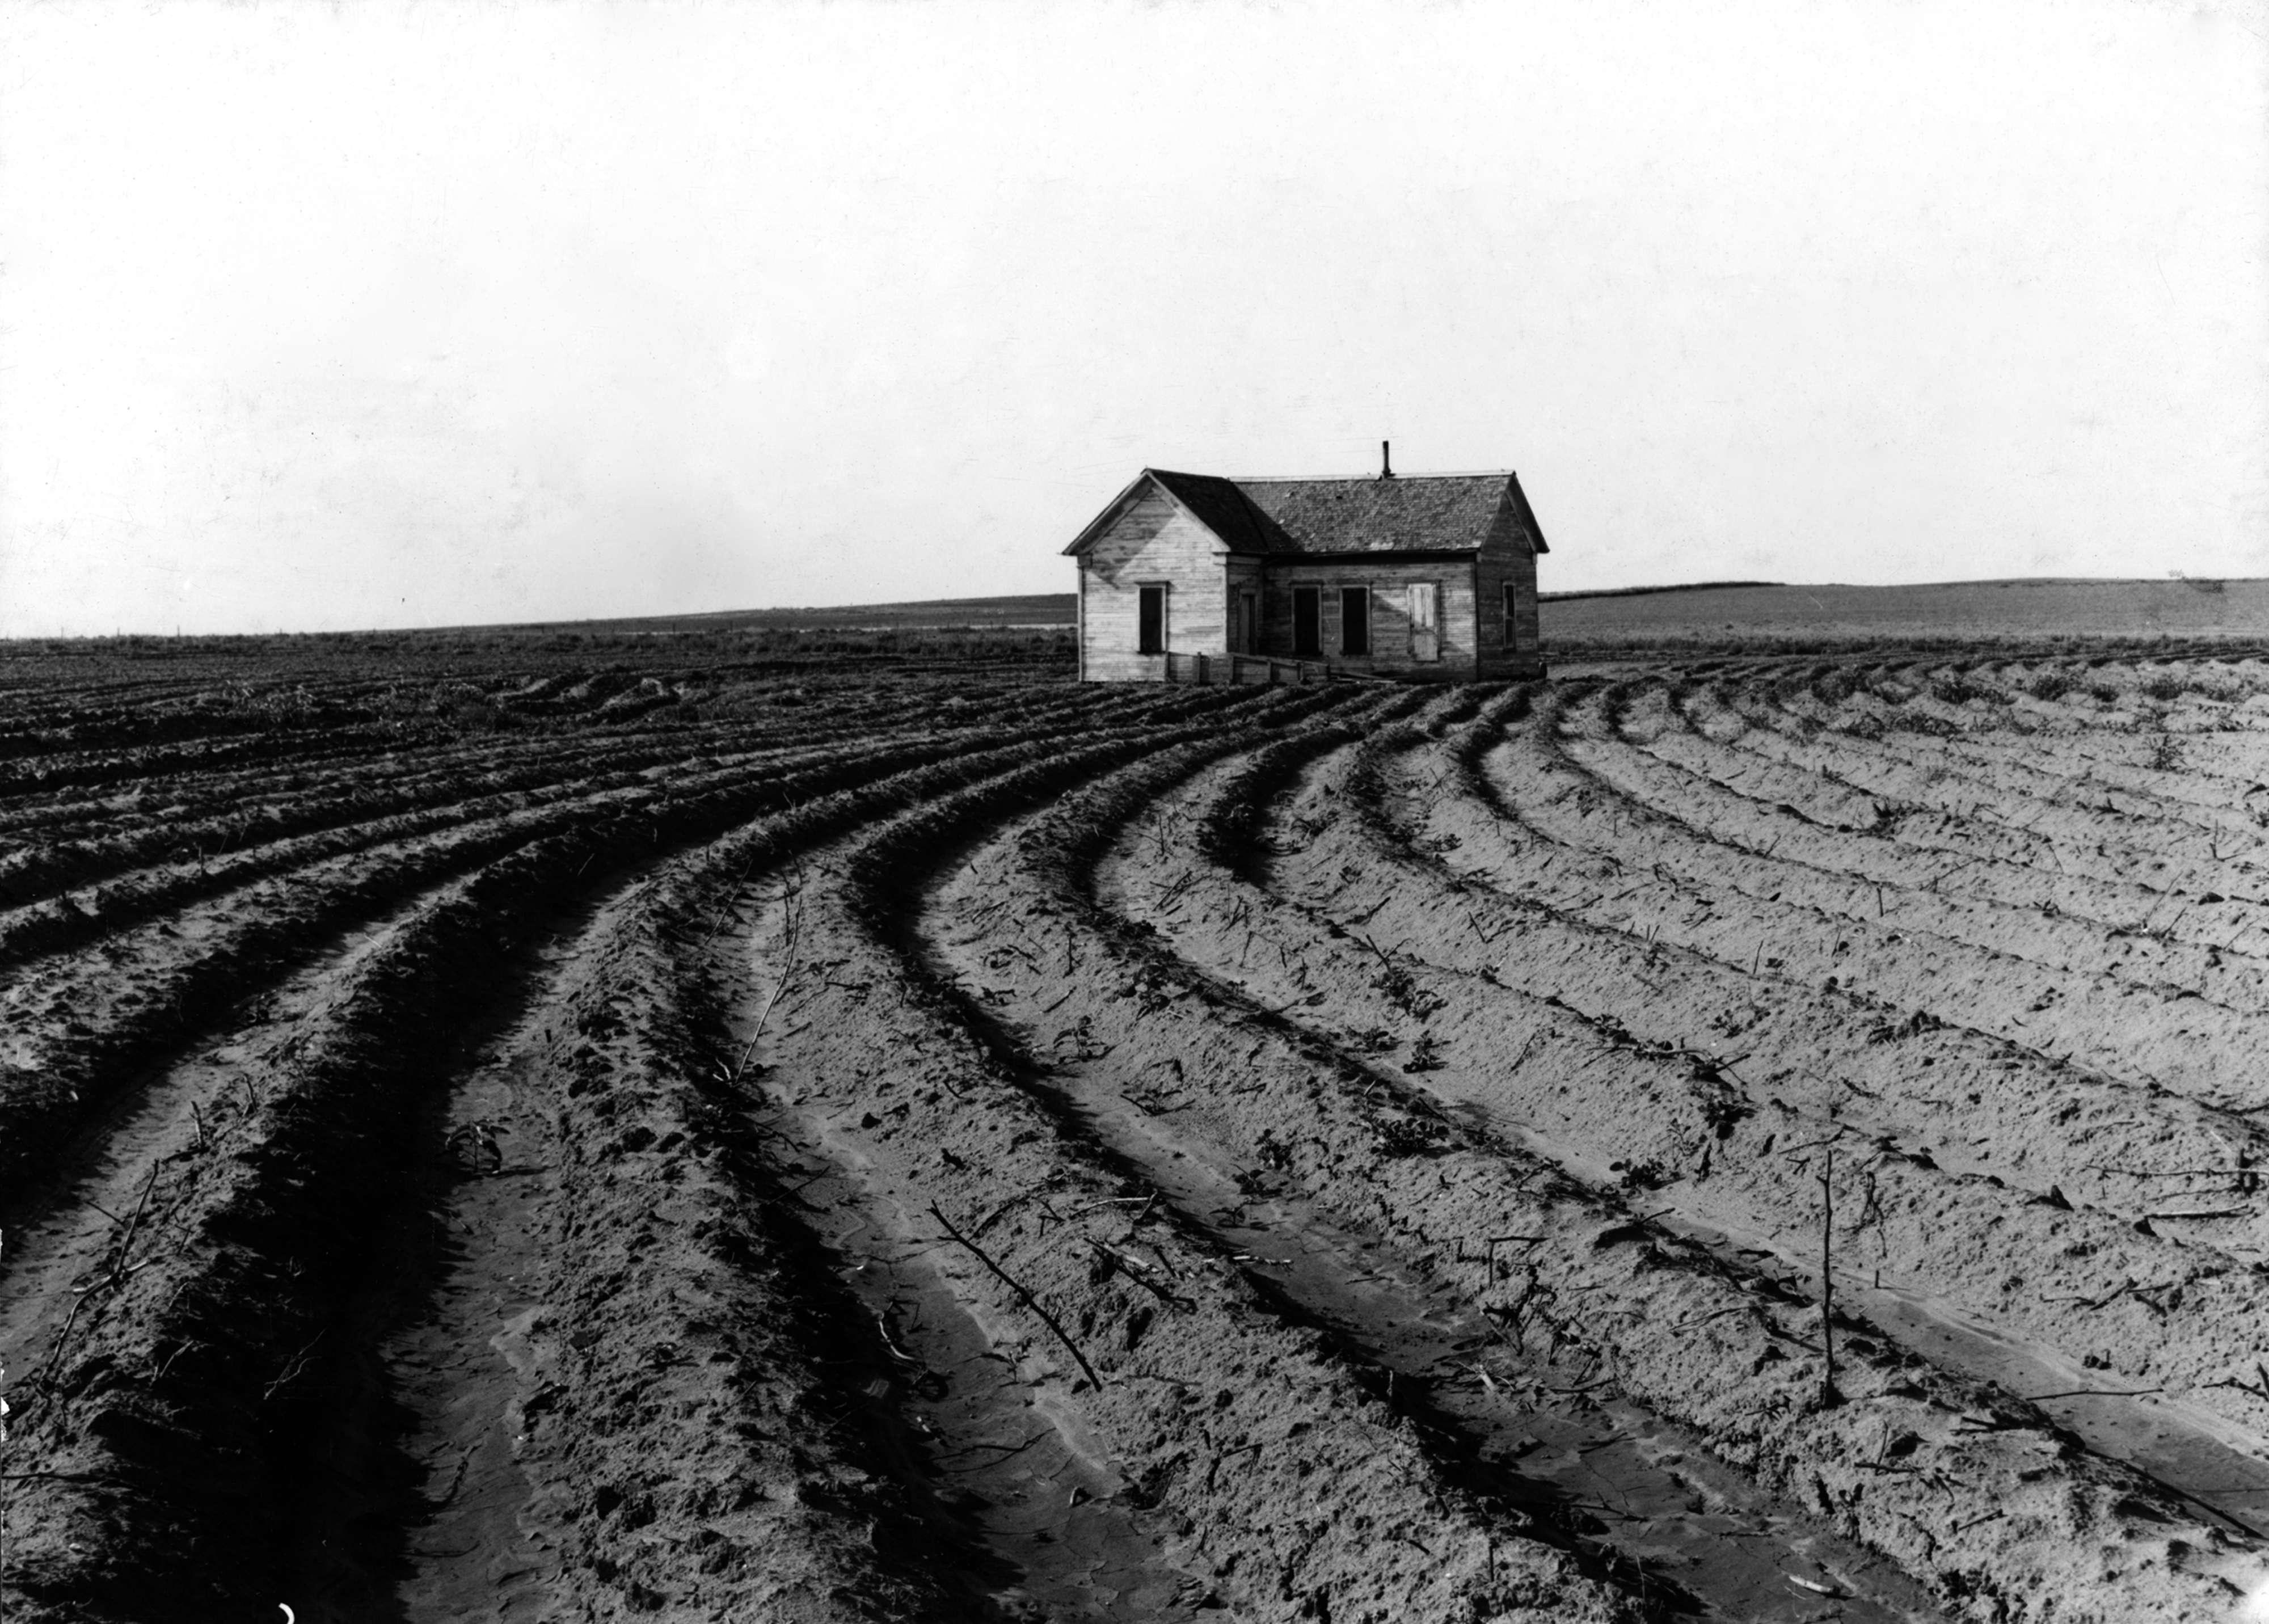 Η τεχνολογική εξέλιξη της αγροτικής εκμετάλλευσης αντικατέστησε τους χειρωνάκτες αγρότες στις καλλιέργειες βαμβακιού στην κομητεία του Childress, στο Τέξας, 1938